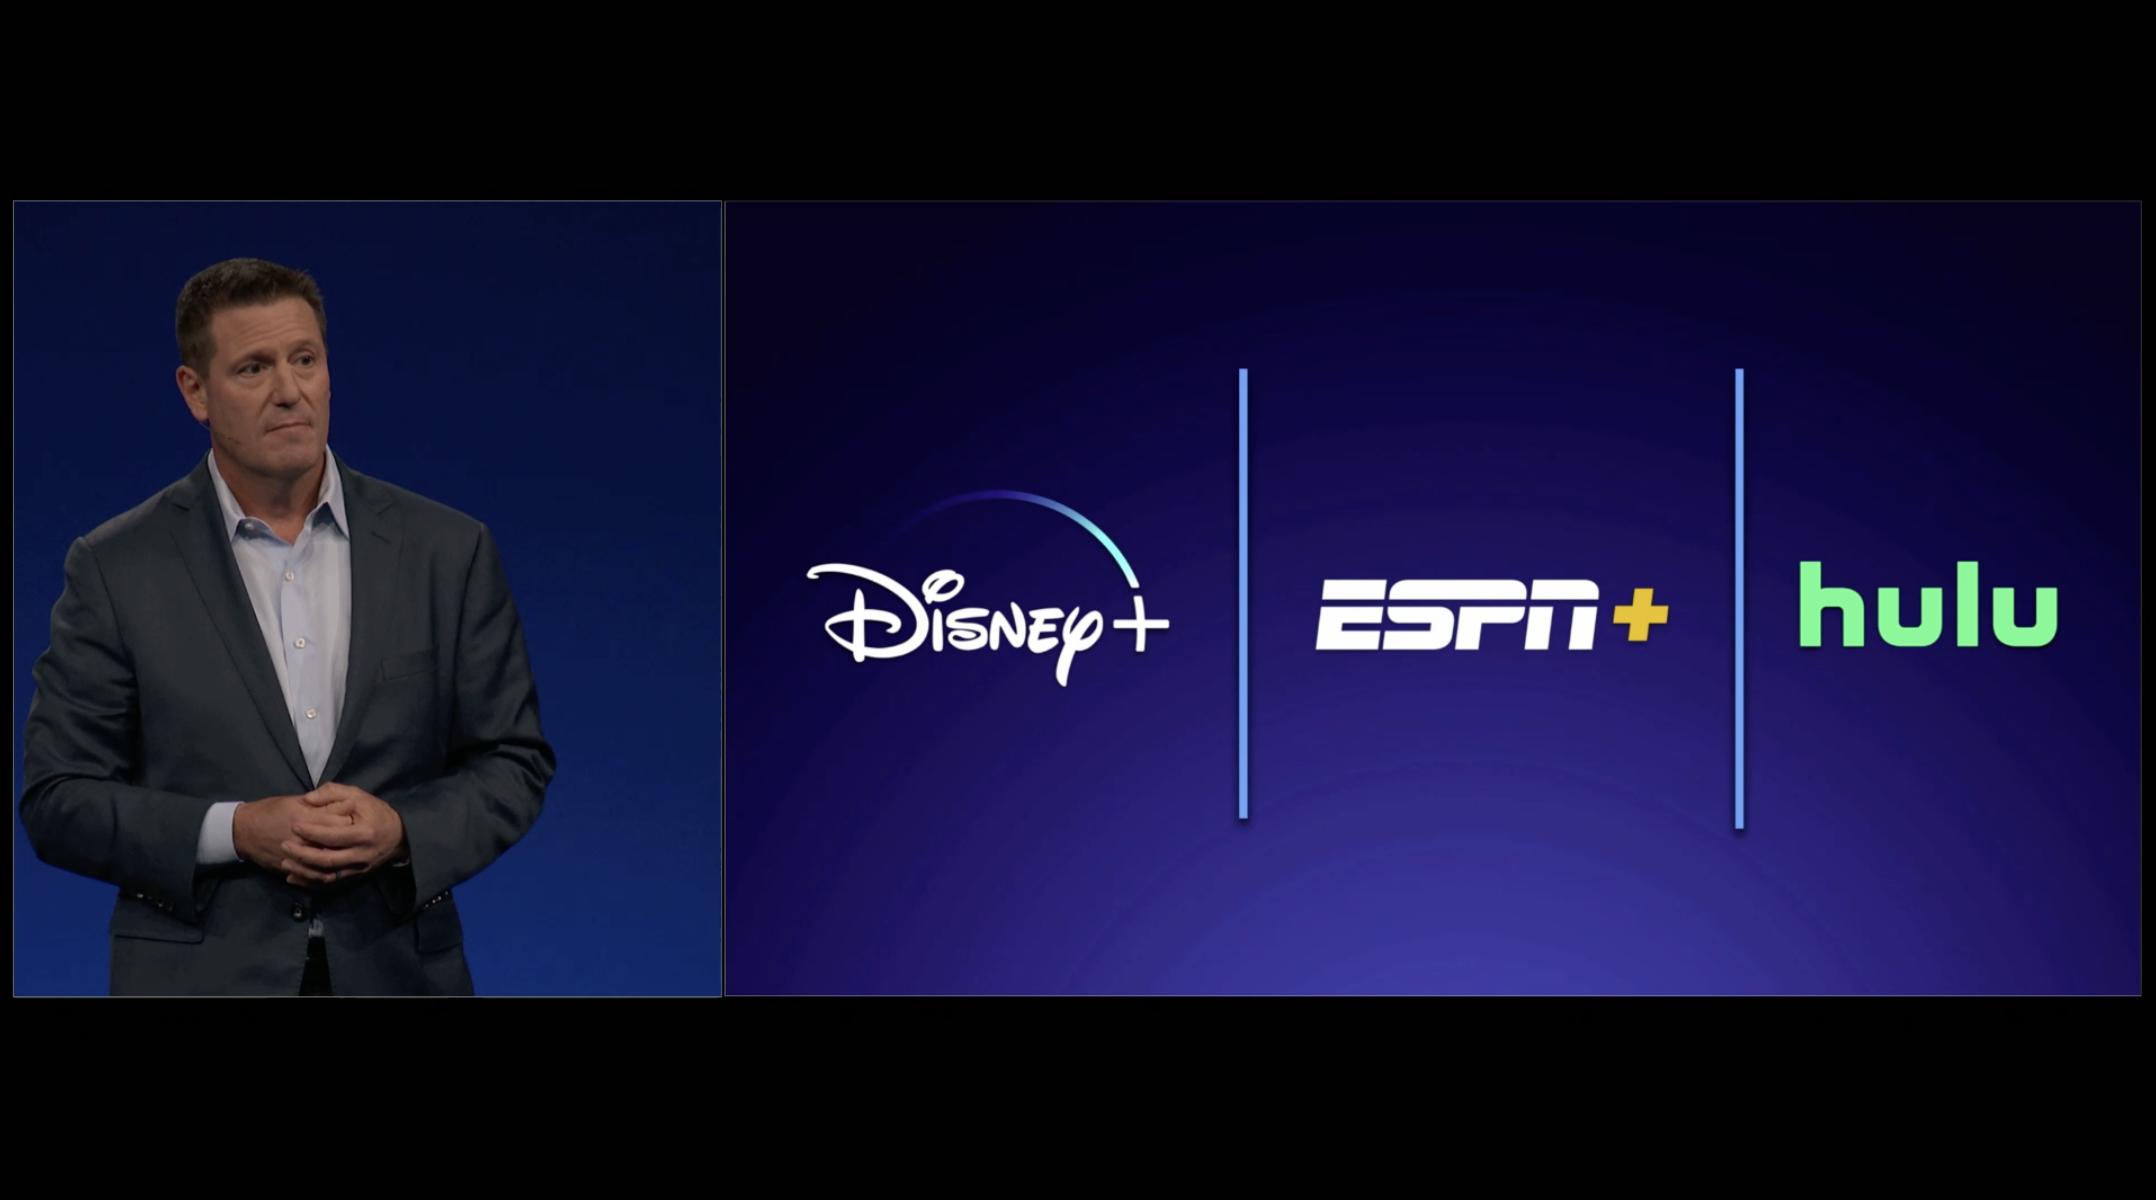 迪士尼串流服務「Disney+」將皮克斯、漫威、星戰、國家地理�大咖齊聚, 每月220元台幣你會訂閱嗎?